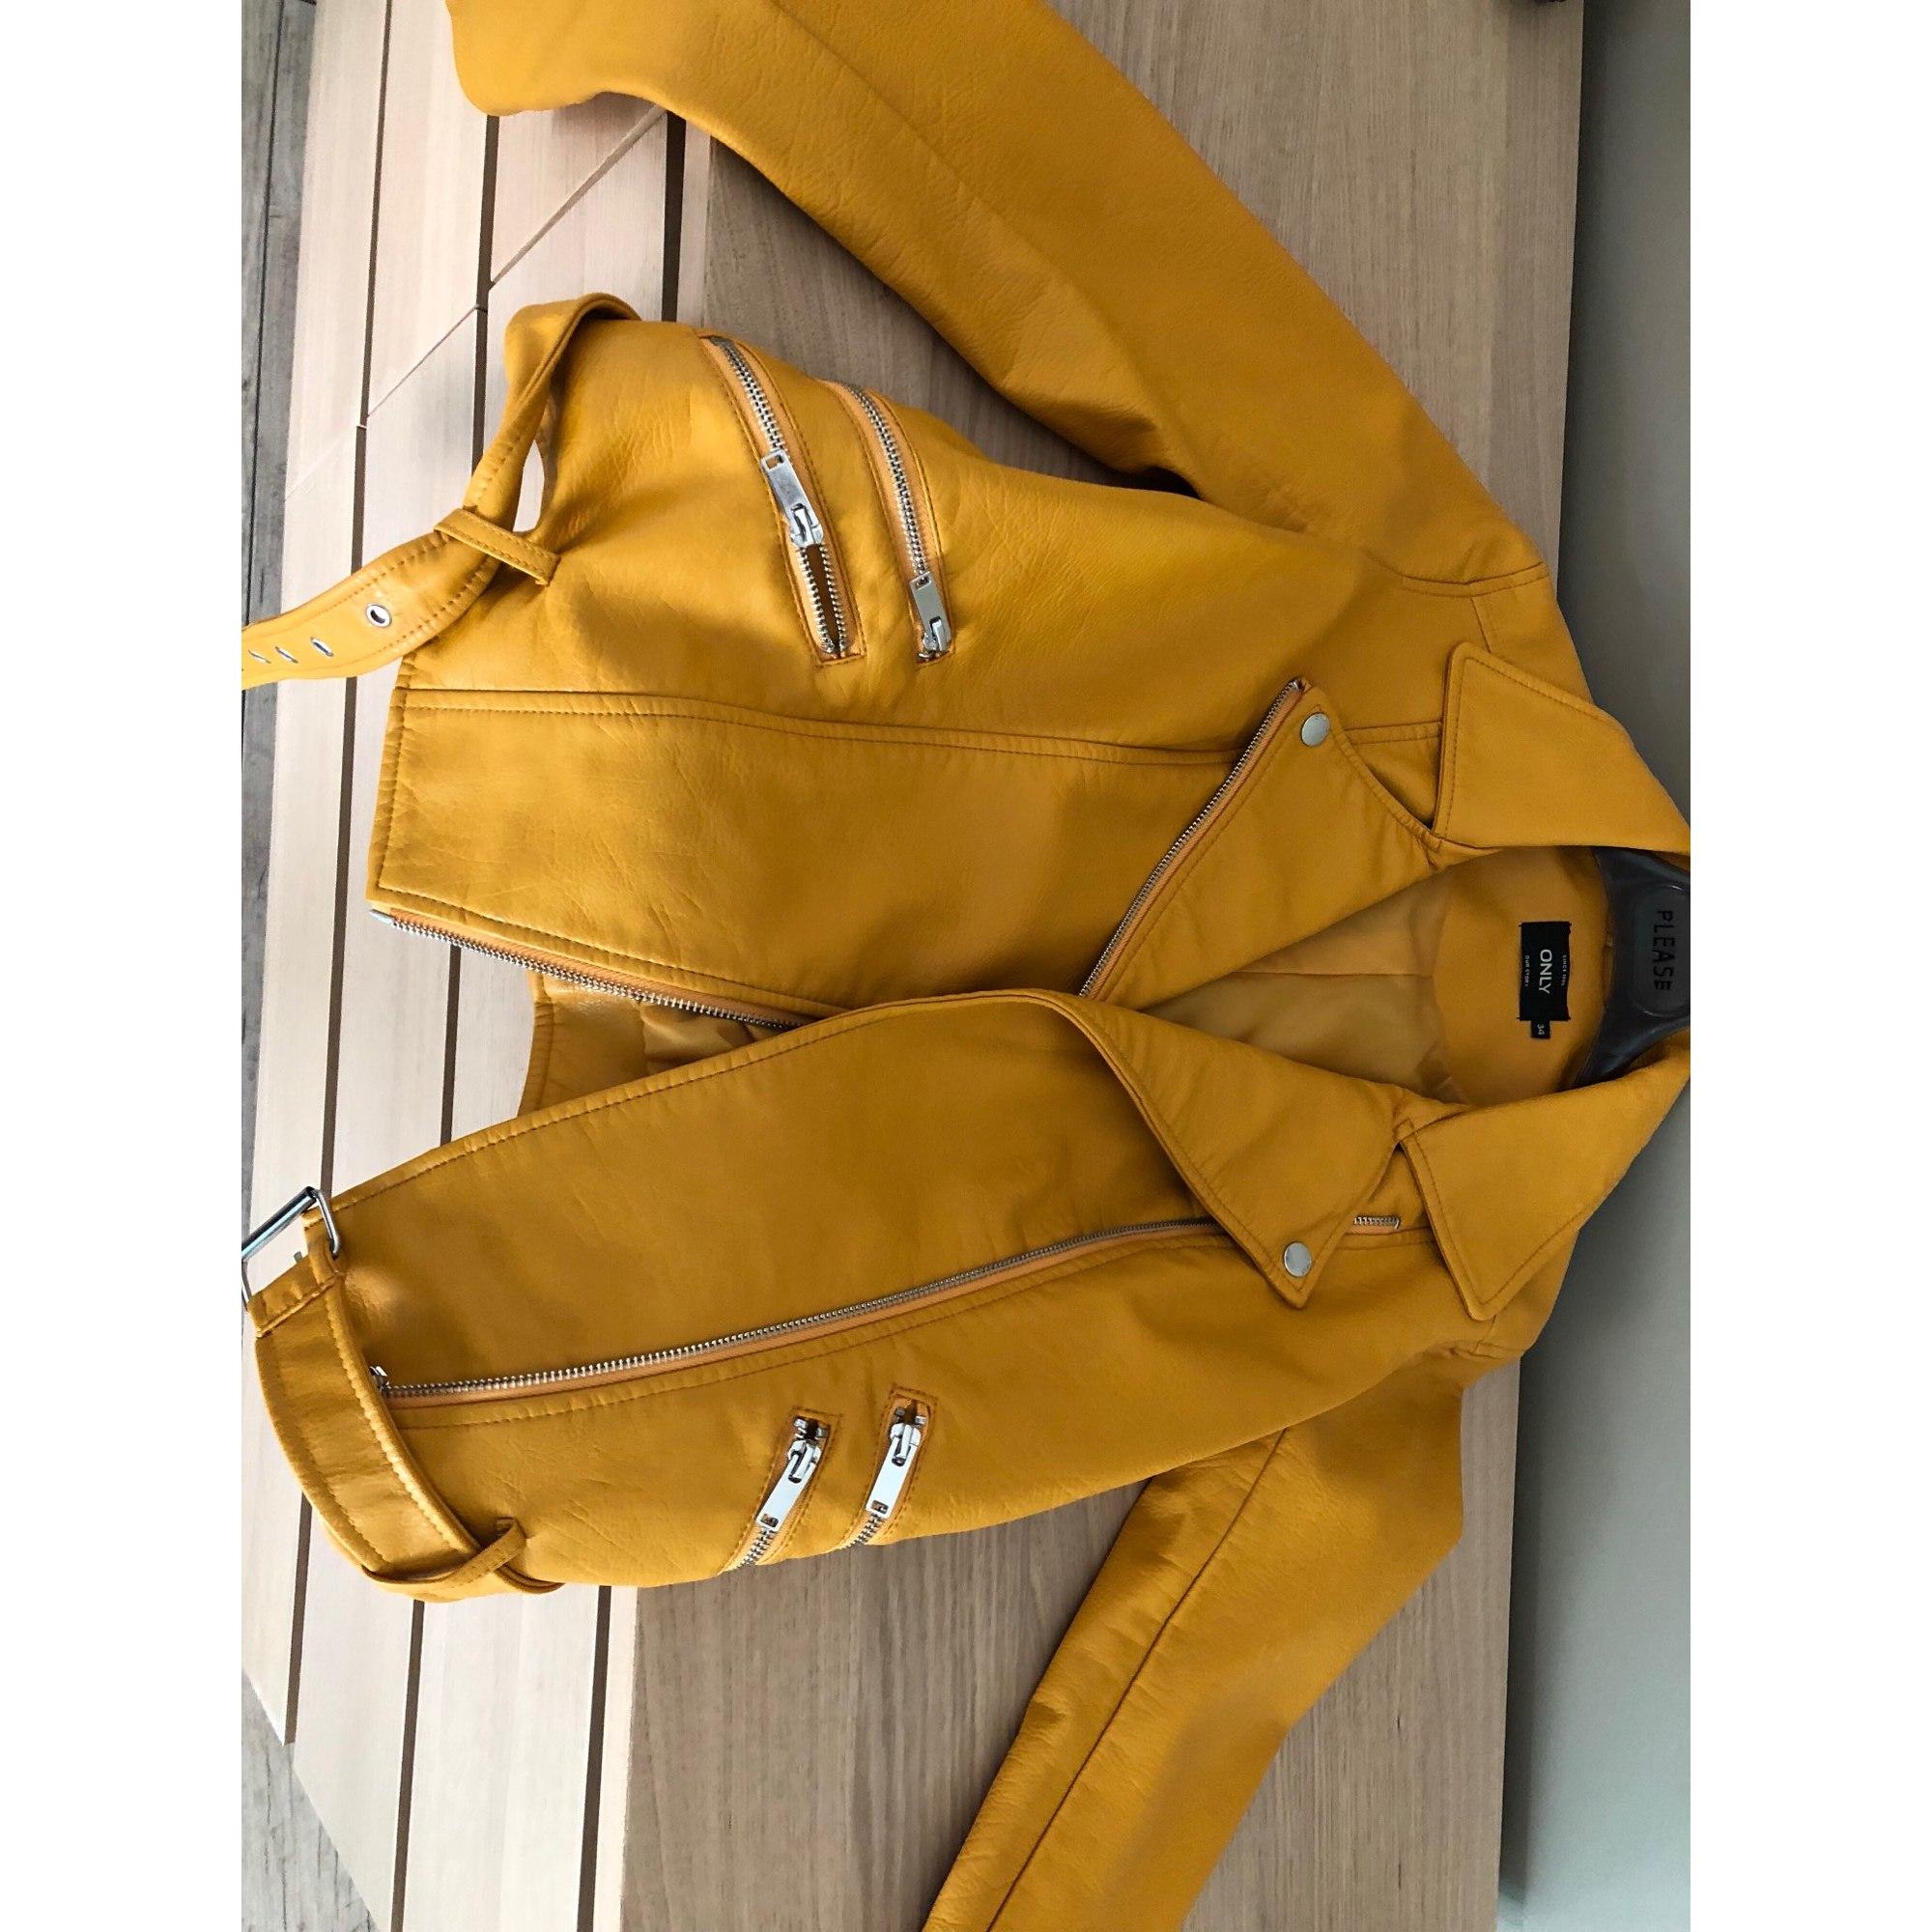 Veste en cuir ONLY 34 (XS, T0) jaune - 7880293 267a78db63c2